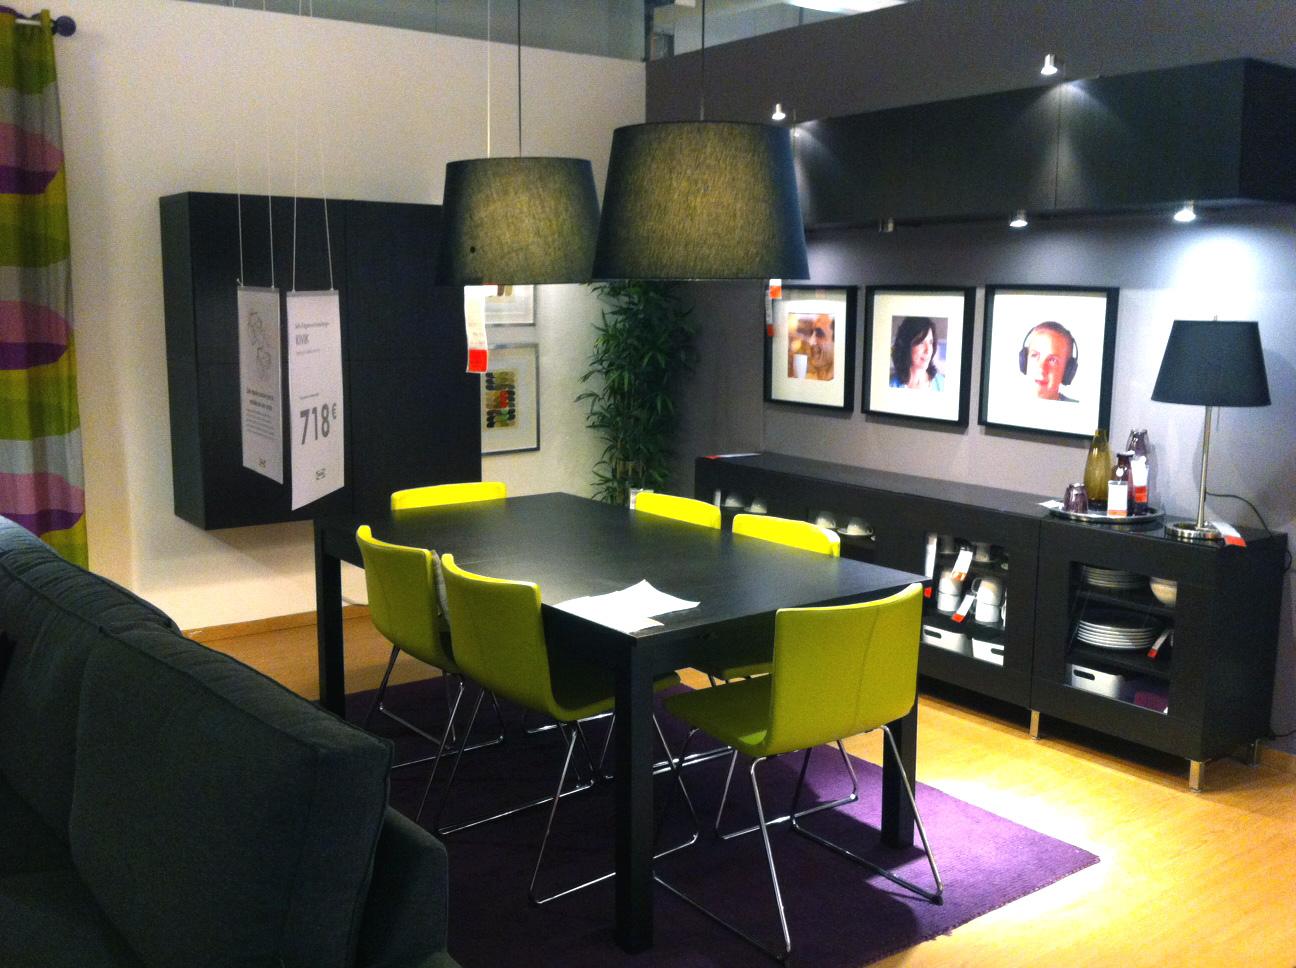 #C3A608 Another Image For 15 Modelos de Decoração para Sala de TV Pequena 1296x968 píxeis em Como Decorar Uma Sala De Tv